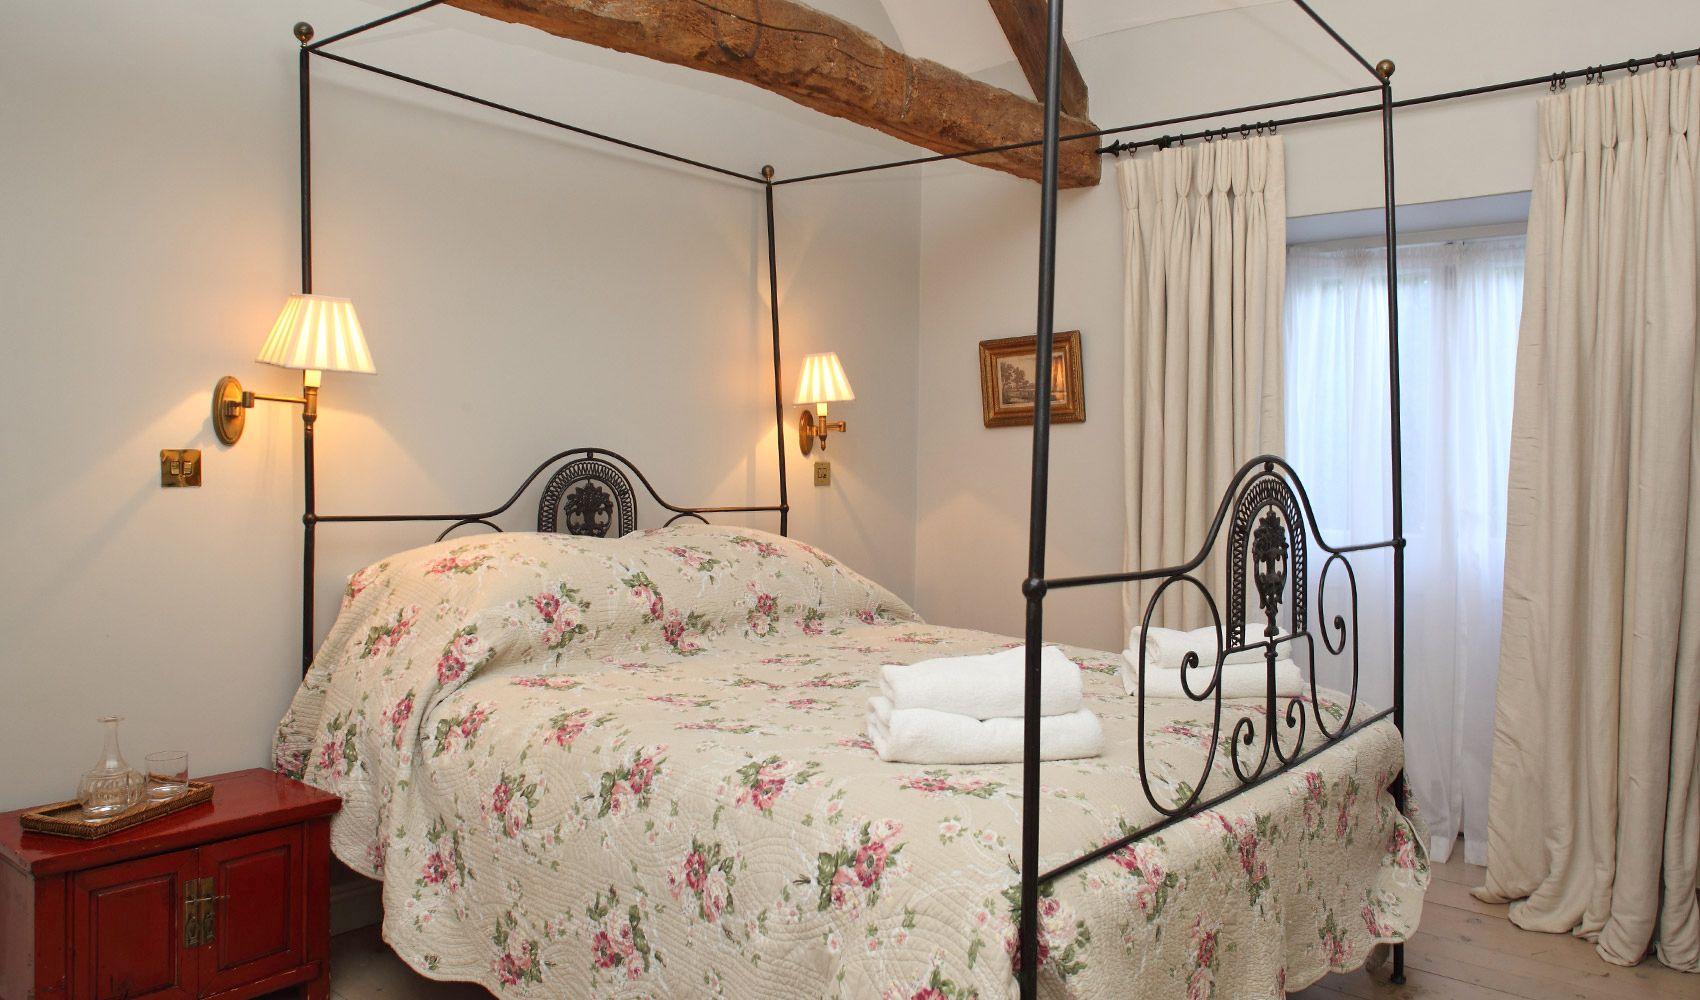 Master bedroom with doors to the garden and en suite bathroom